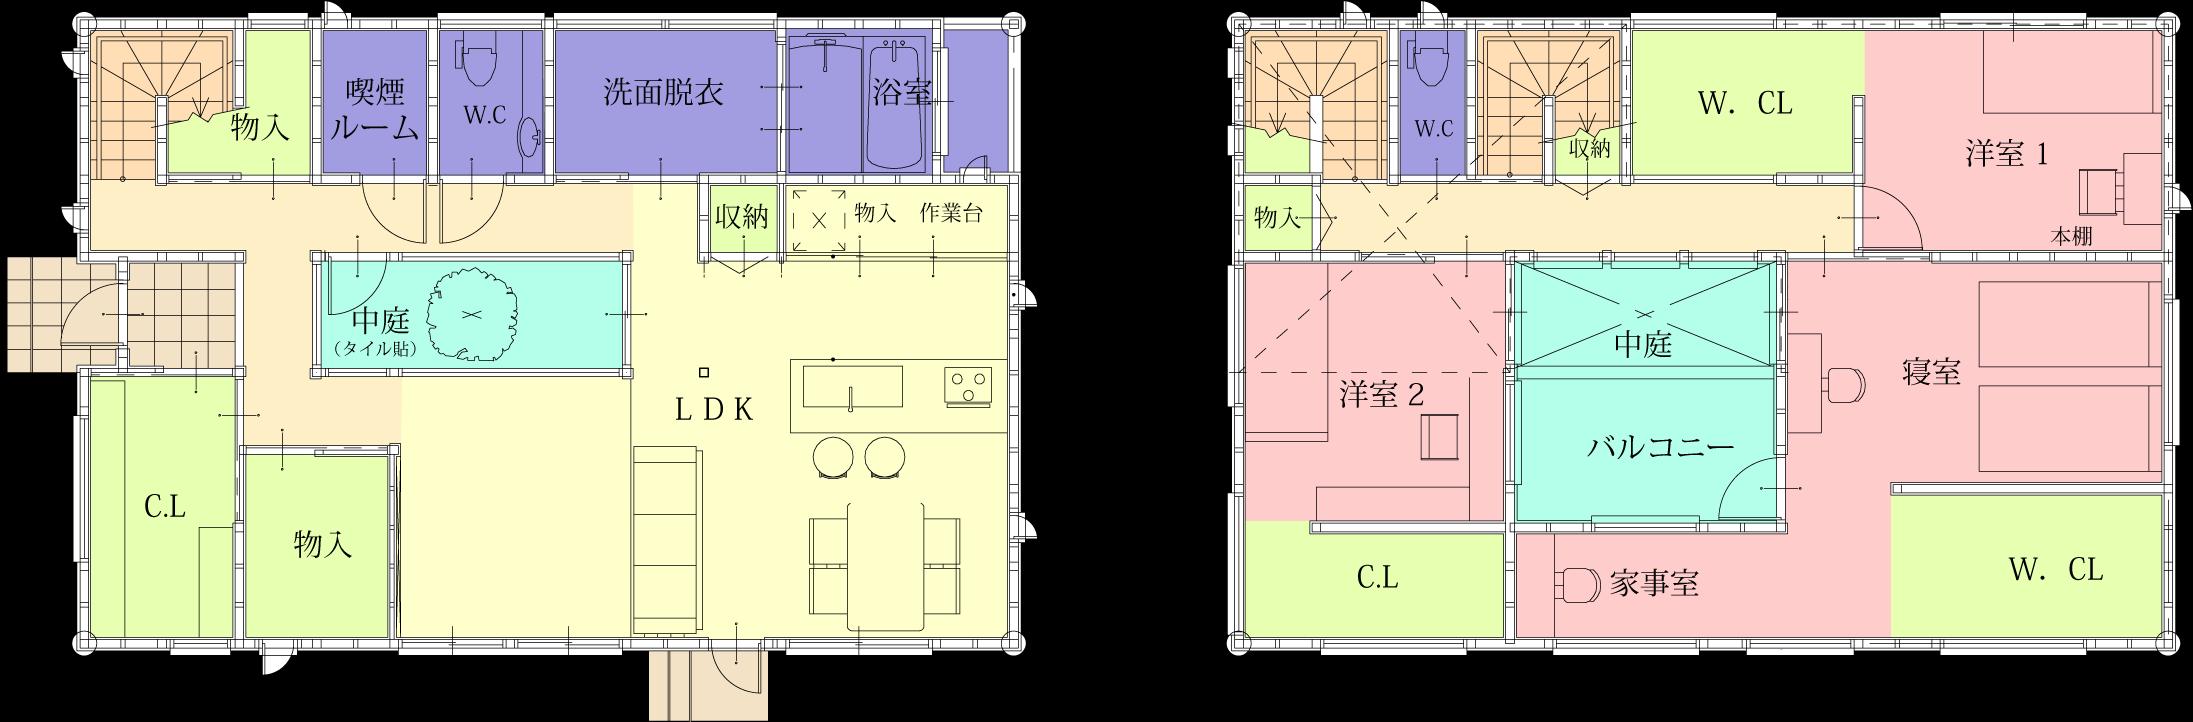 家の間取り | 安城市注文住宅